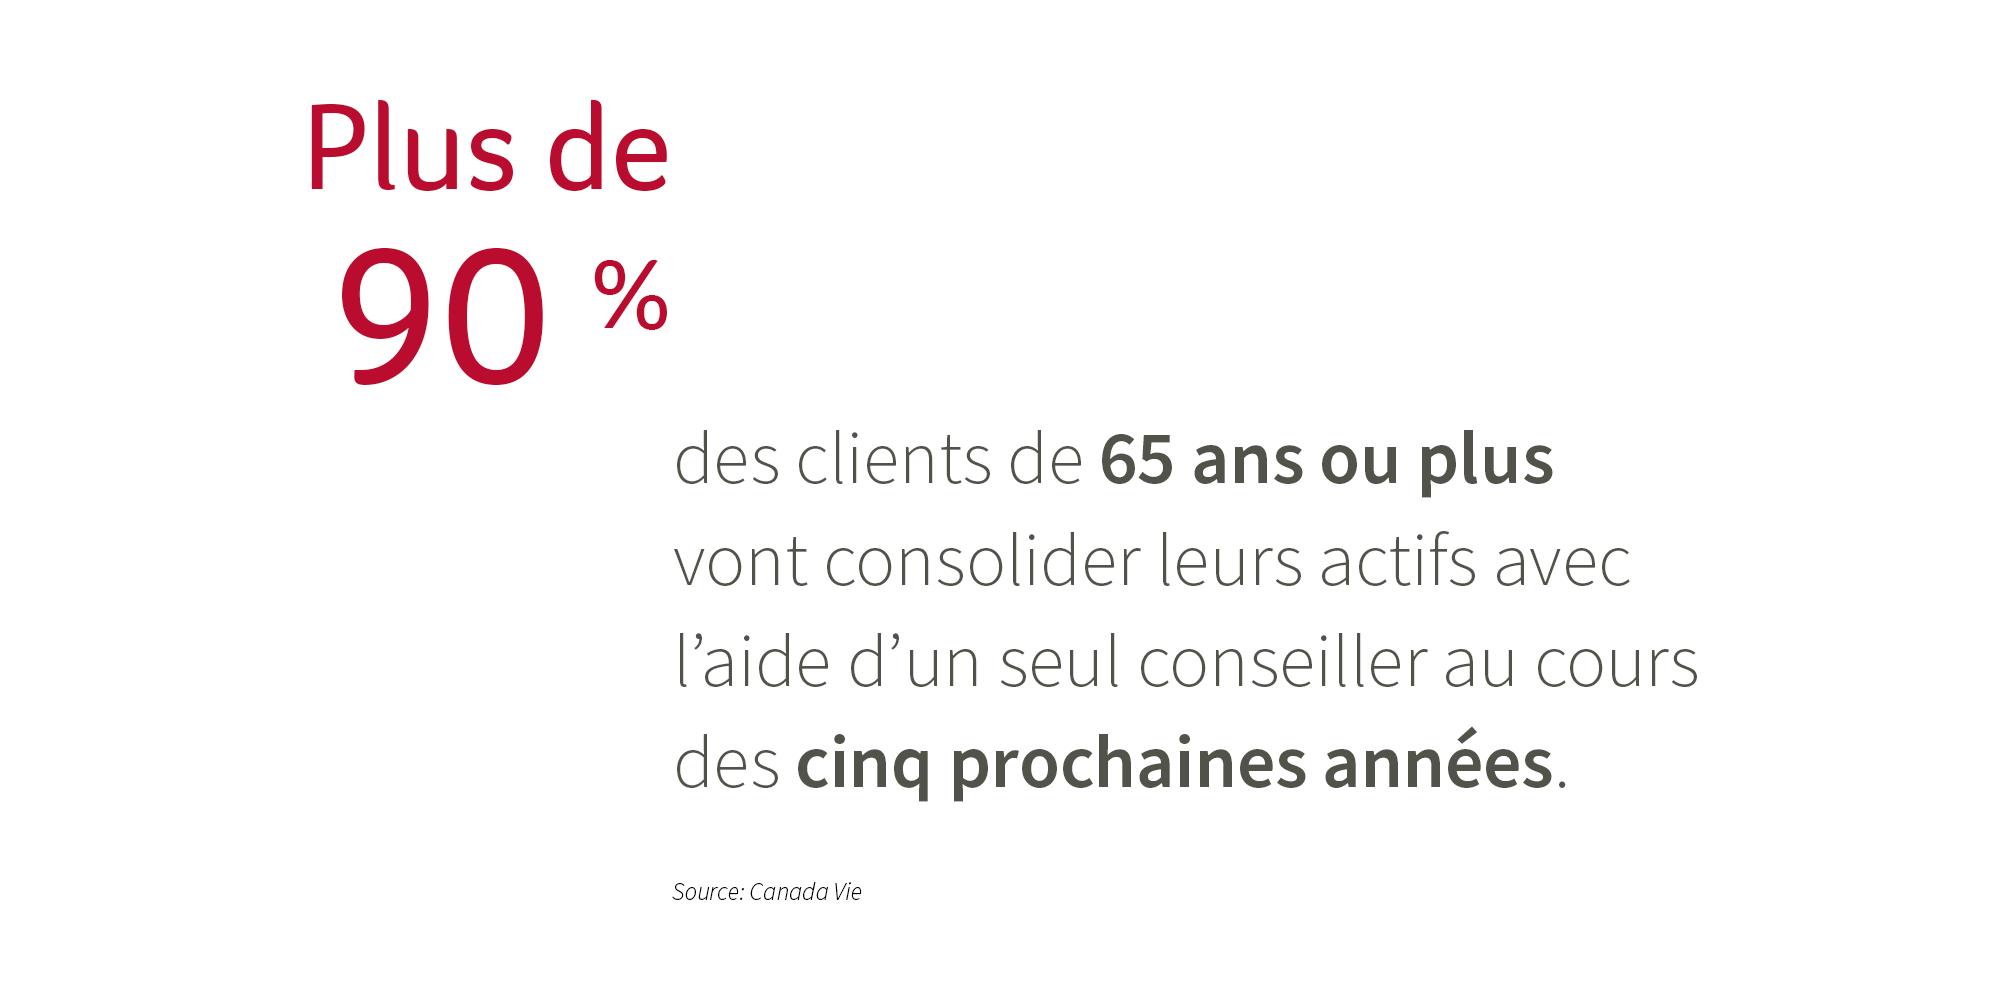 Plus de 90% des clients de 65 ans ou plus vont consolider leurs actifs avec l'aide d'un seul conseiller au cours des cinq prochaines années.